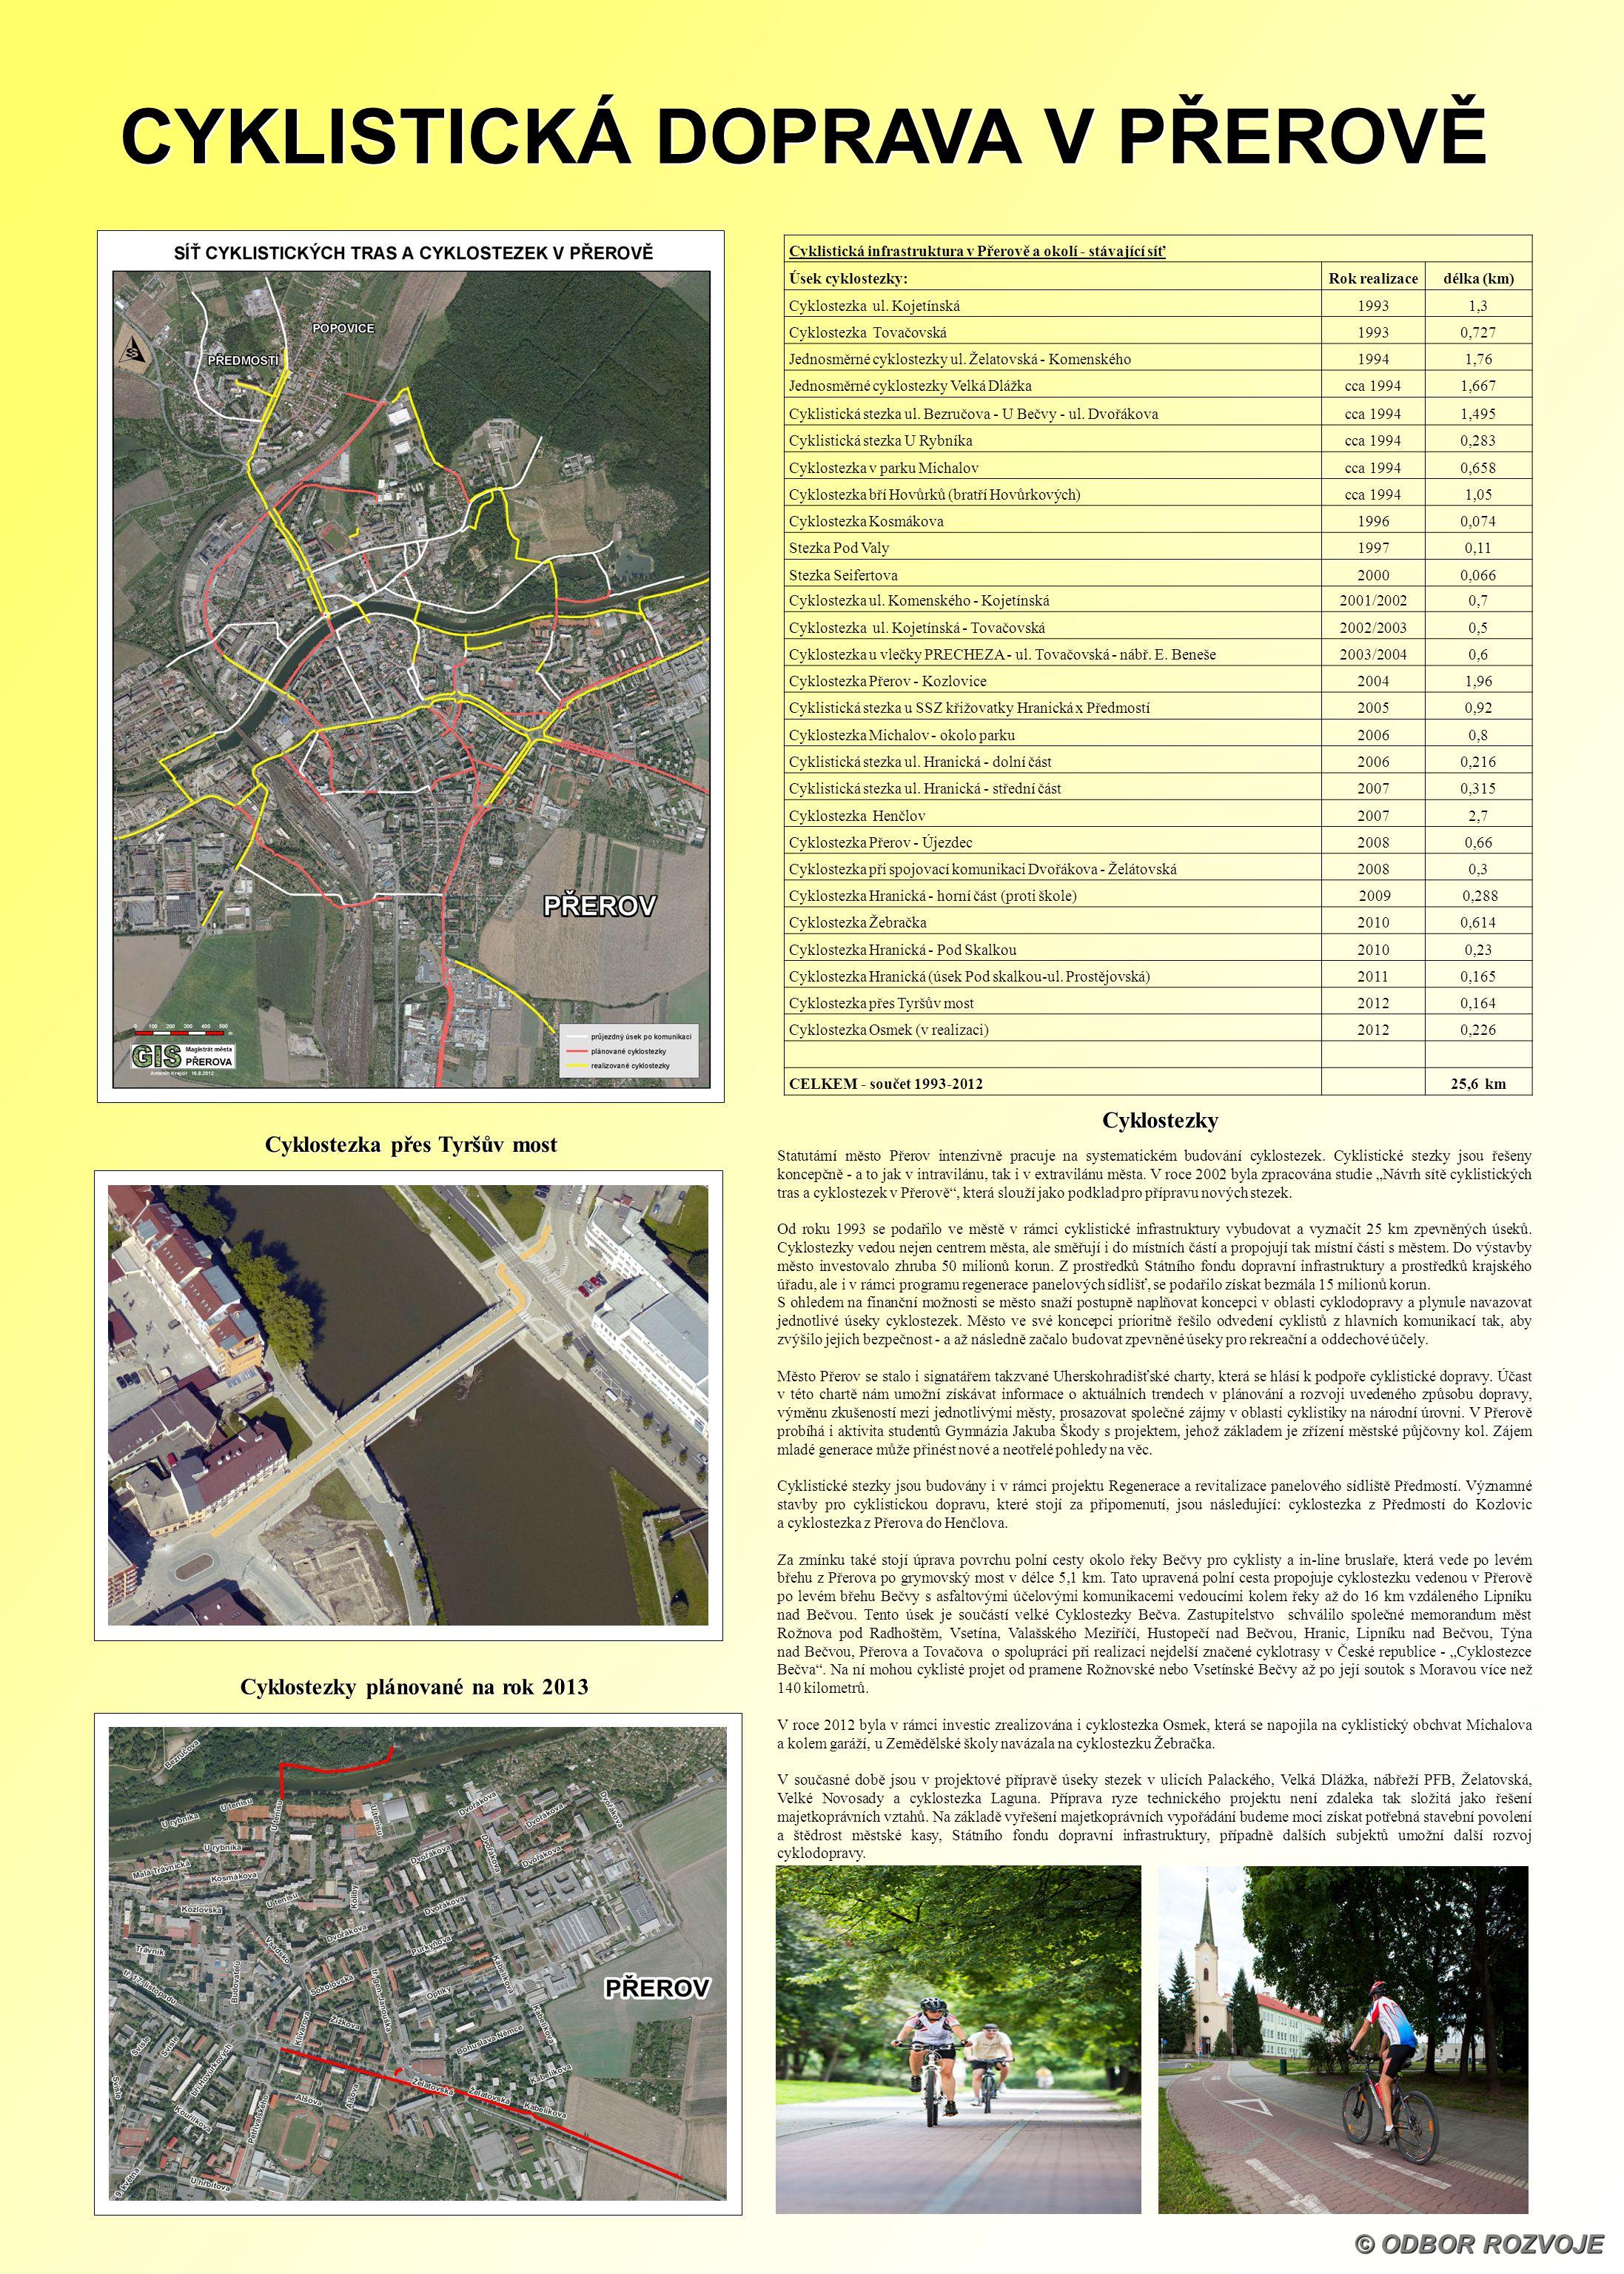 Statutární město Přerov intenzivně pracuje na systematickém budování cyklostezek.